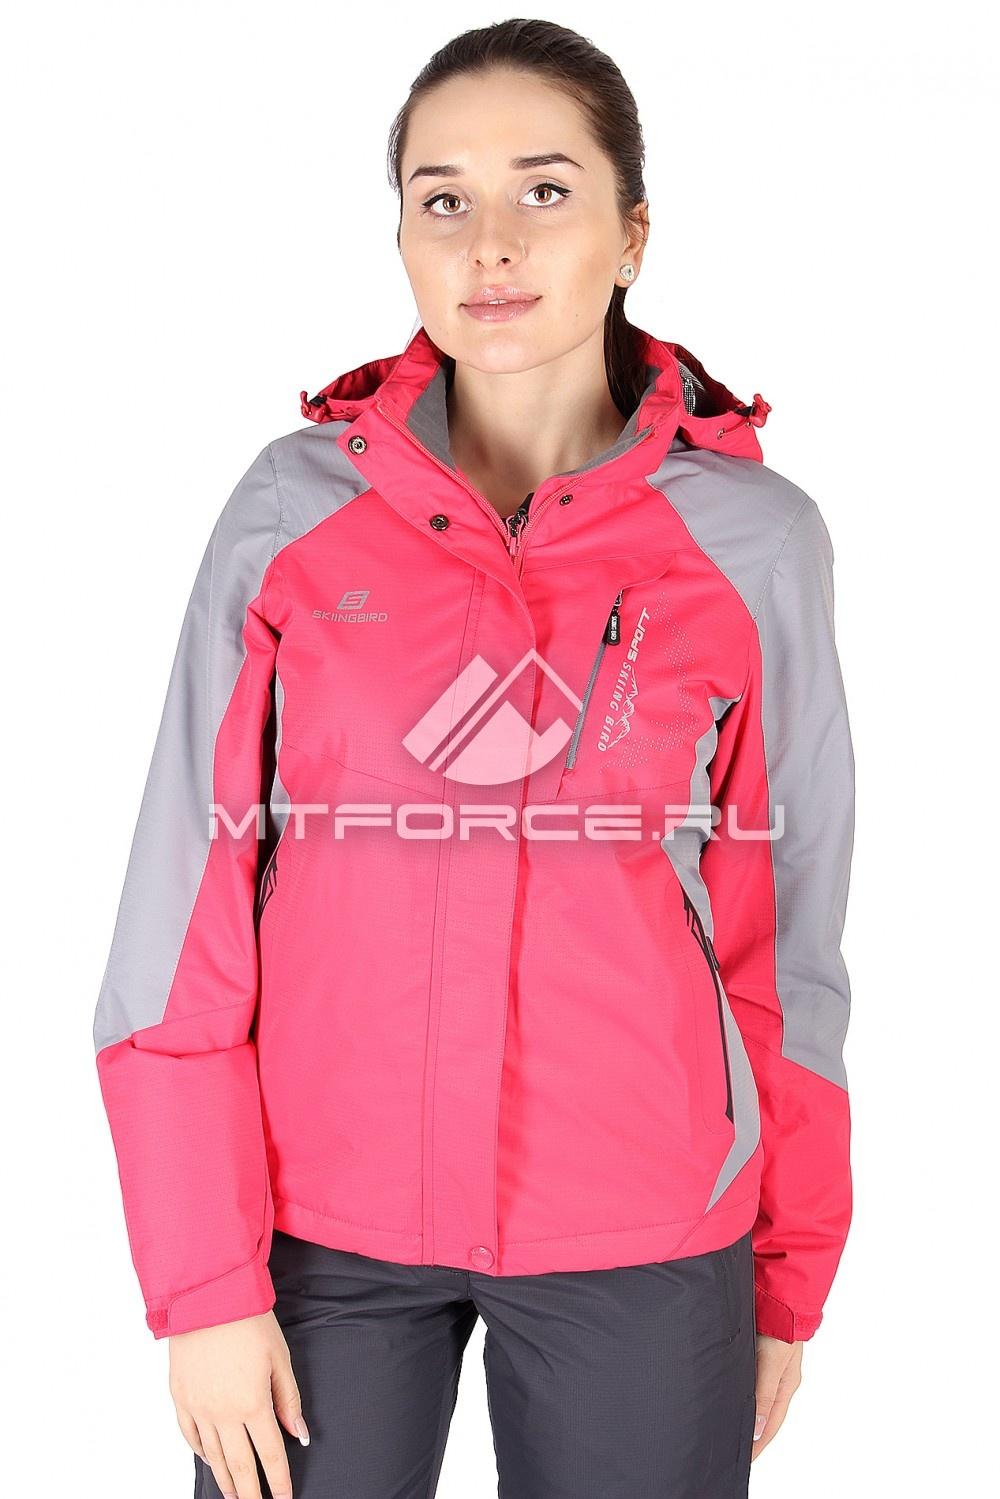 Купить                                  оптом Куртка спортивная женская весна красного цвета 1612Kr